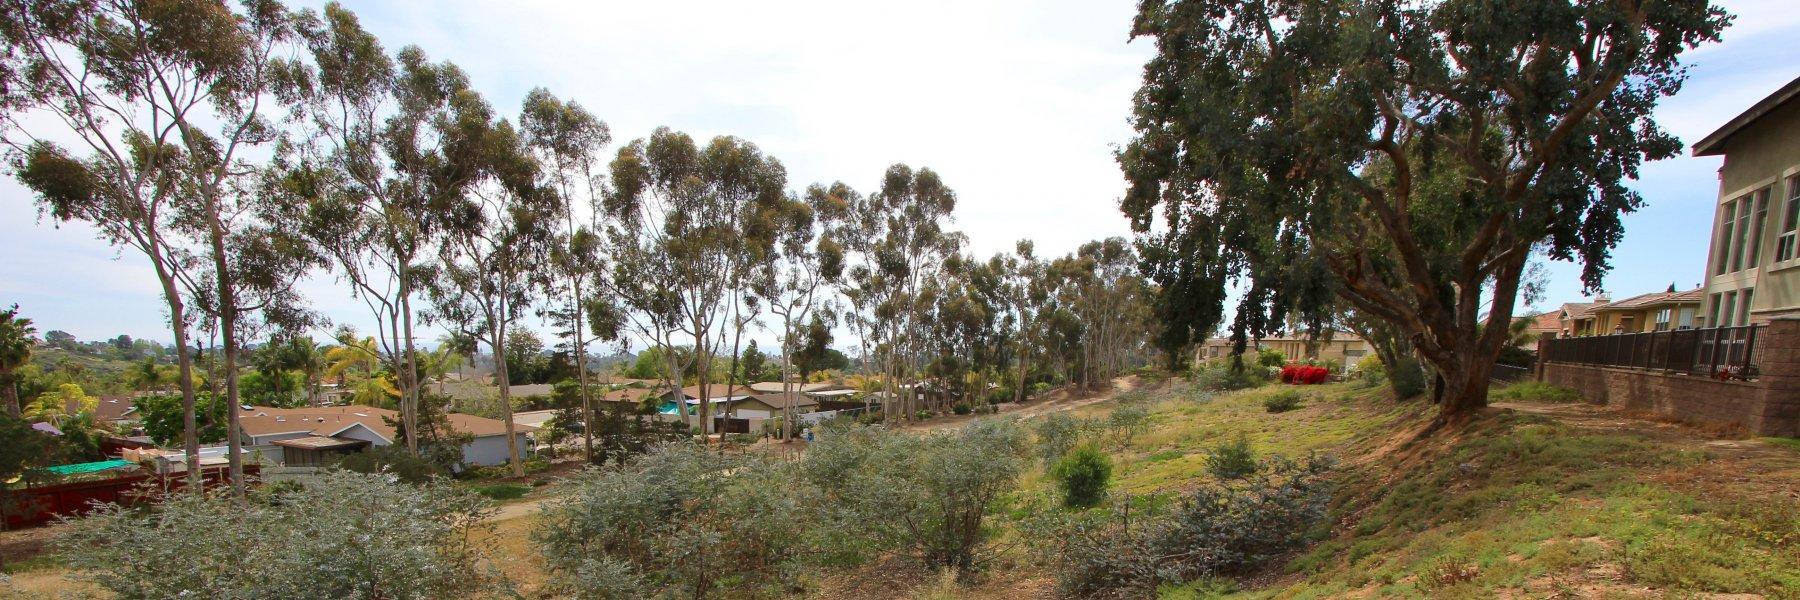 Encinitas Ranch is a community of homes in Encinitas California